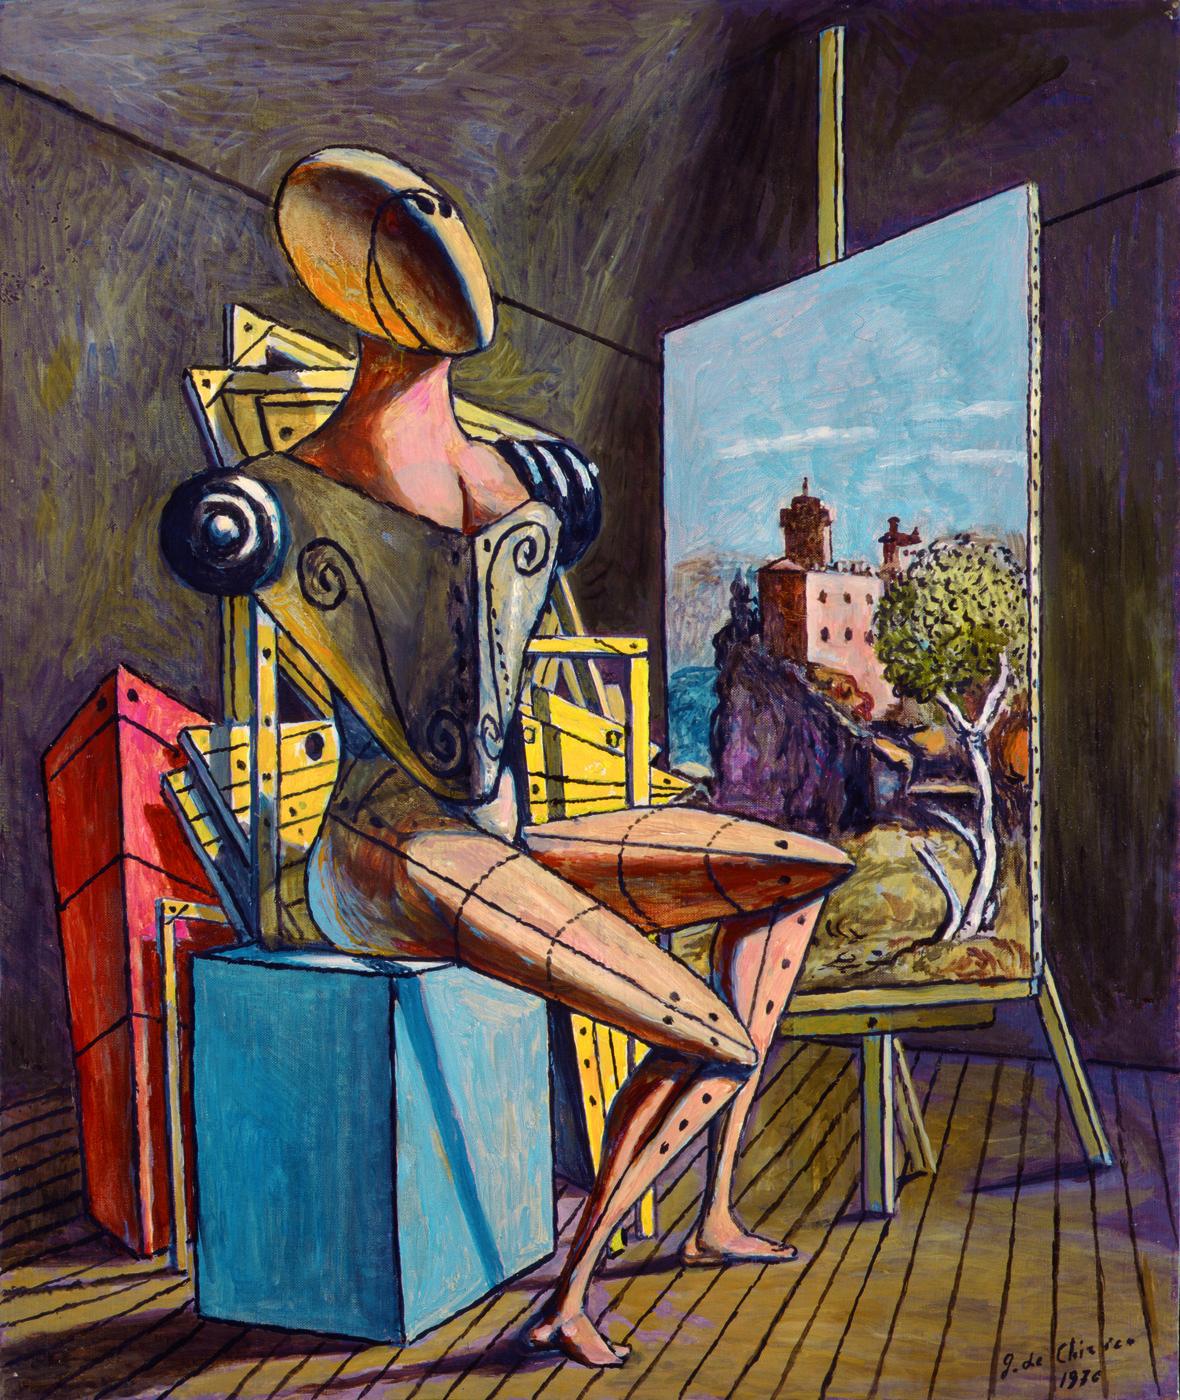 Giorgio de Chirico Il contemplatore, 1976